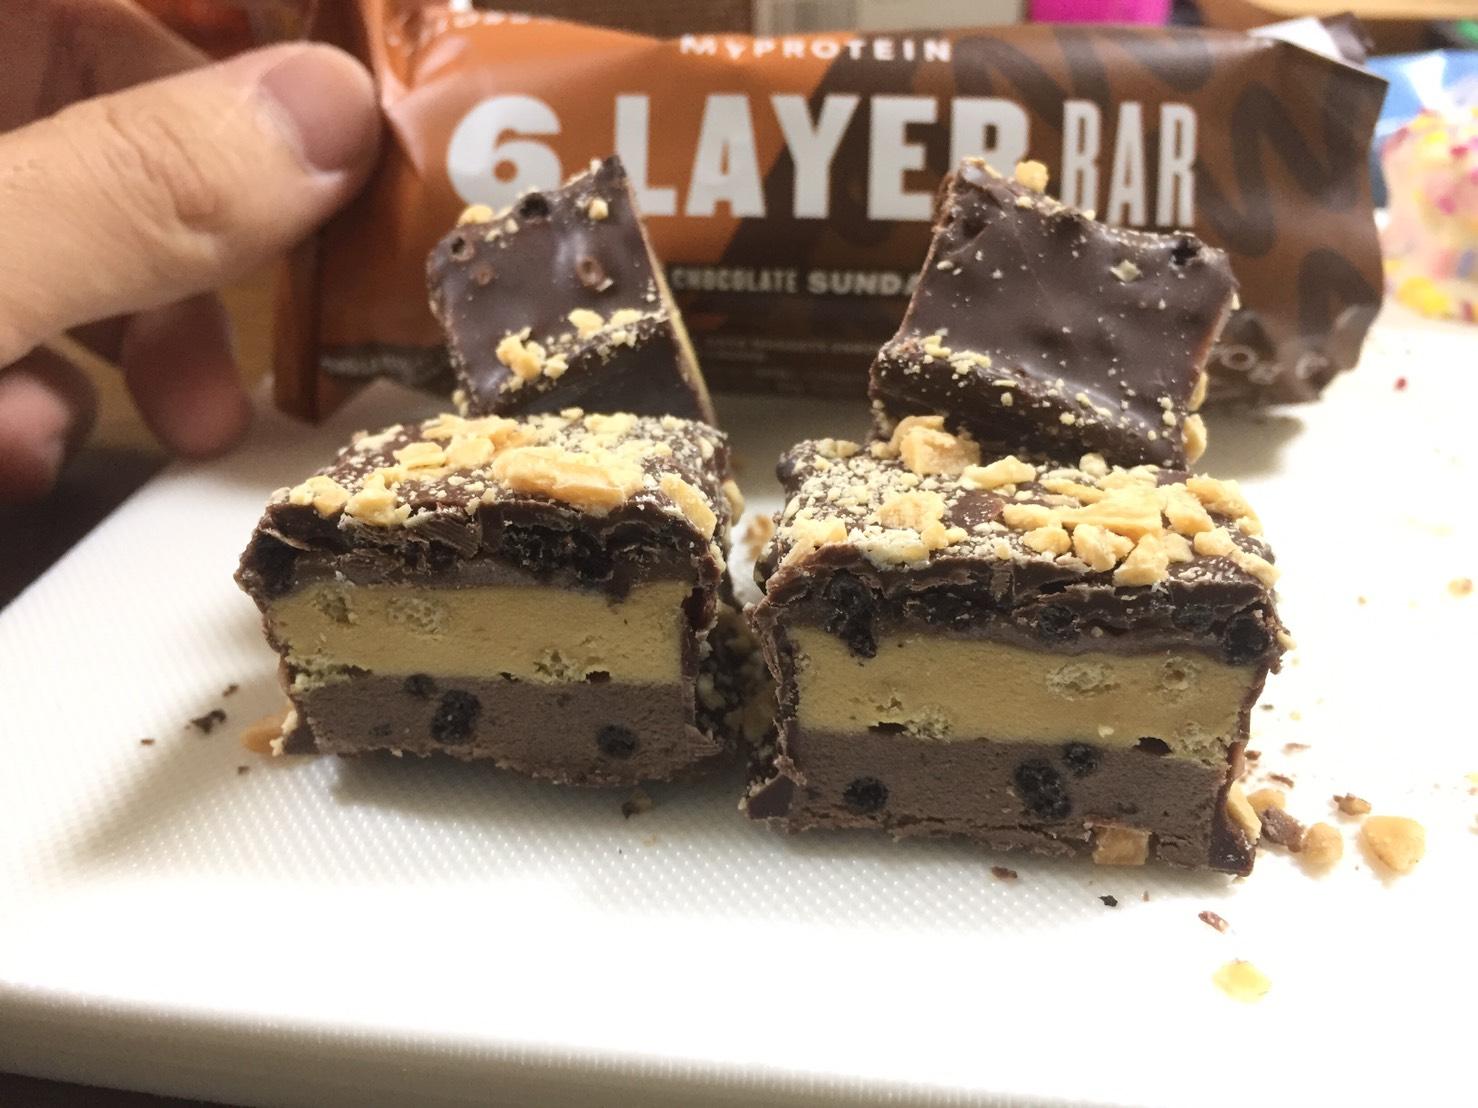 6レイヤープロテインバー、チョコレートサンデー味をレビュー